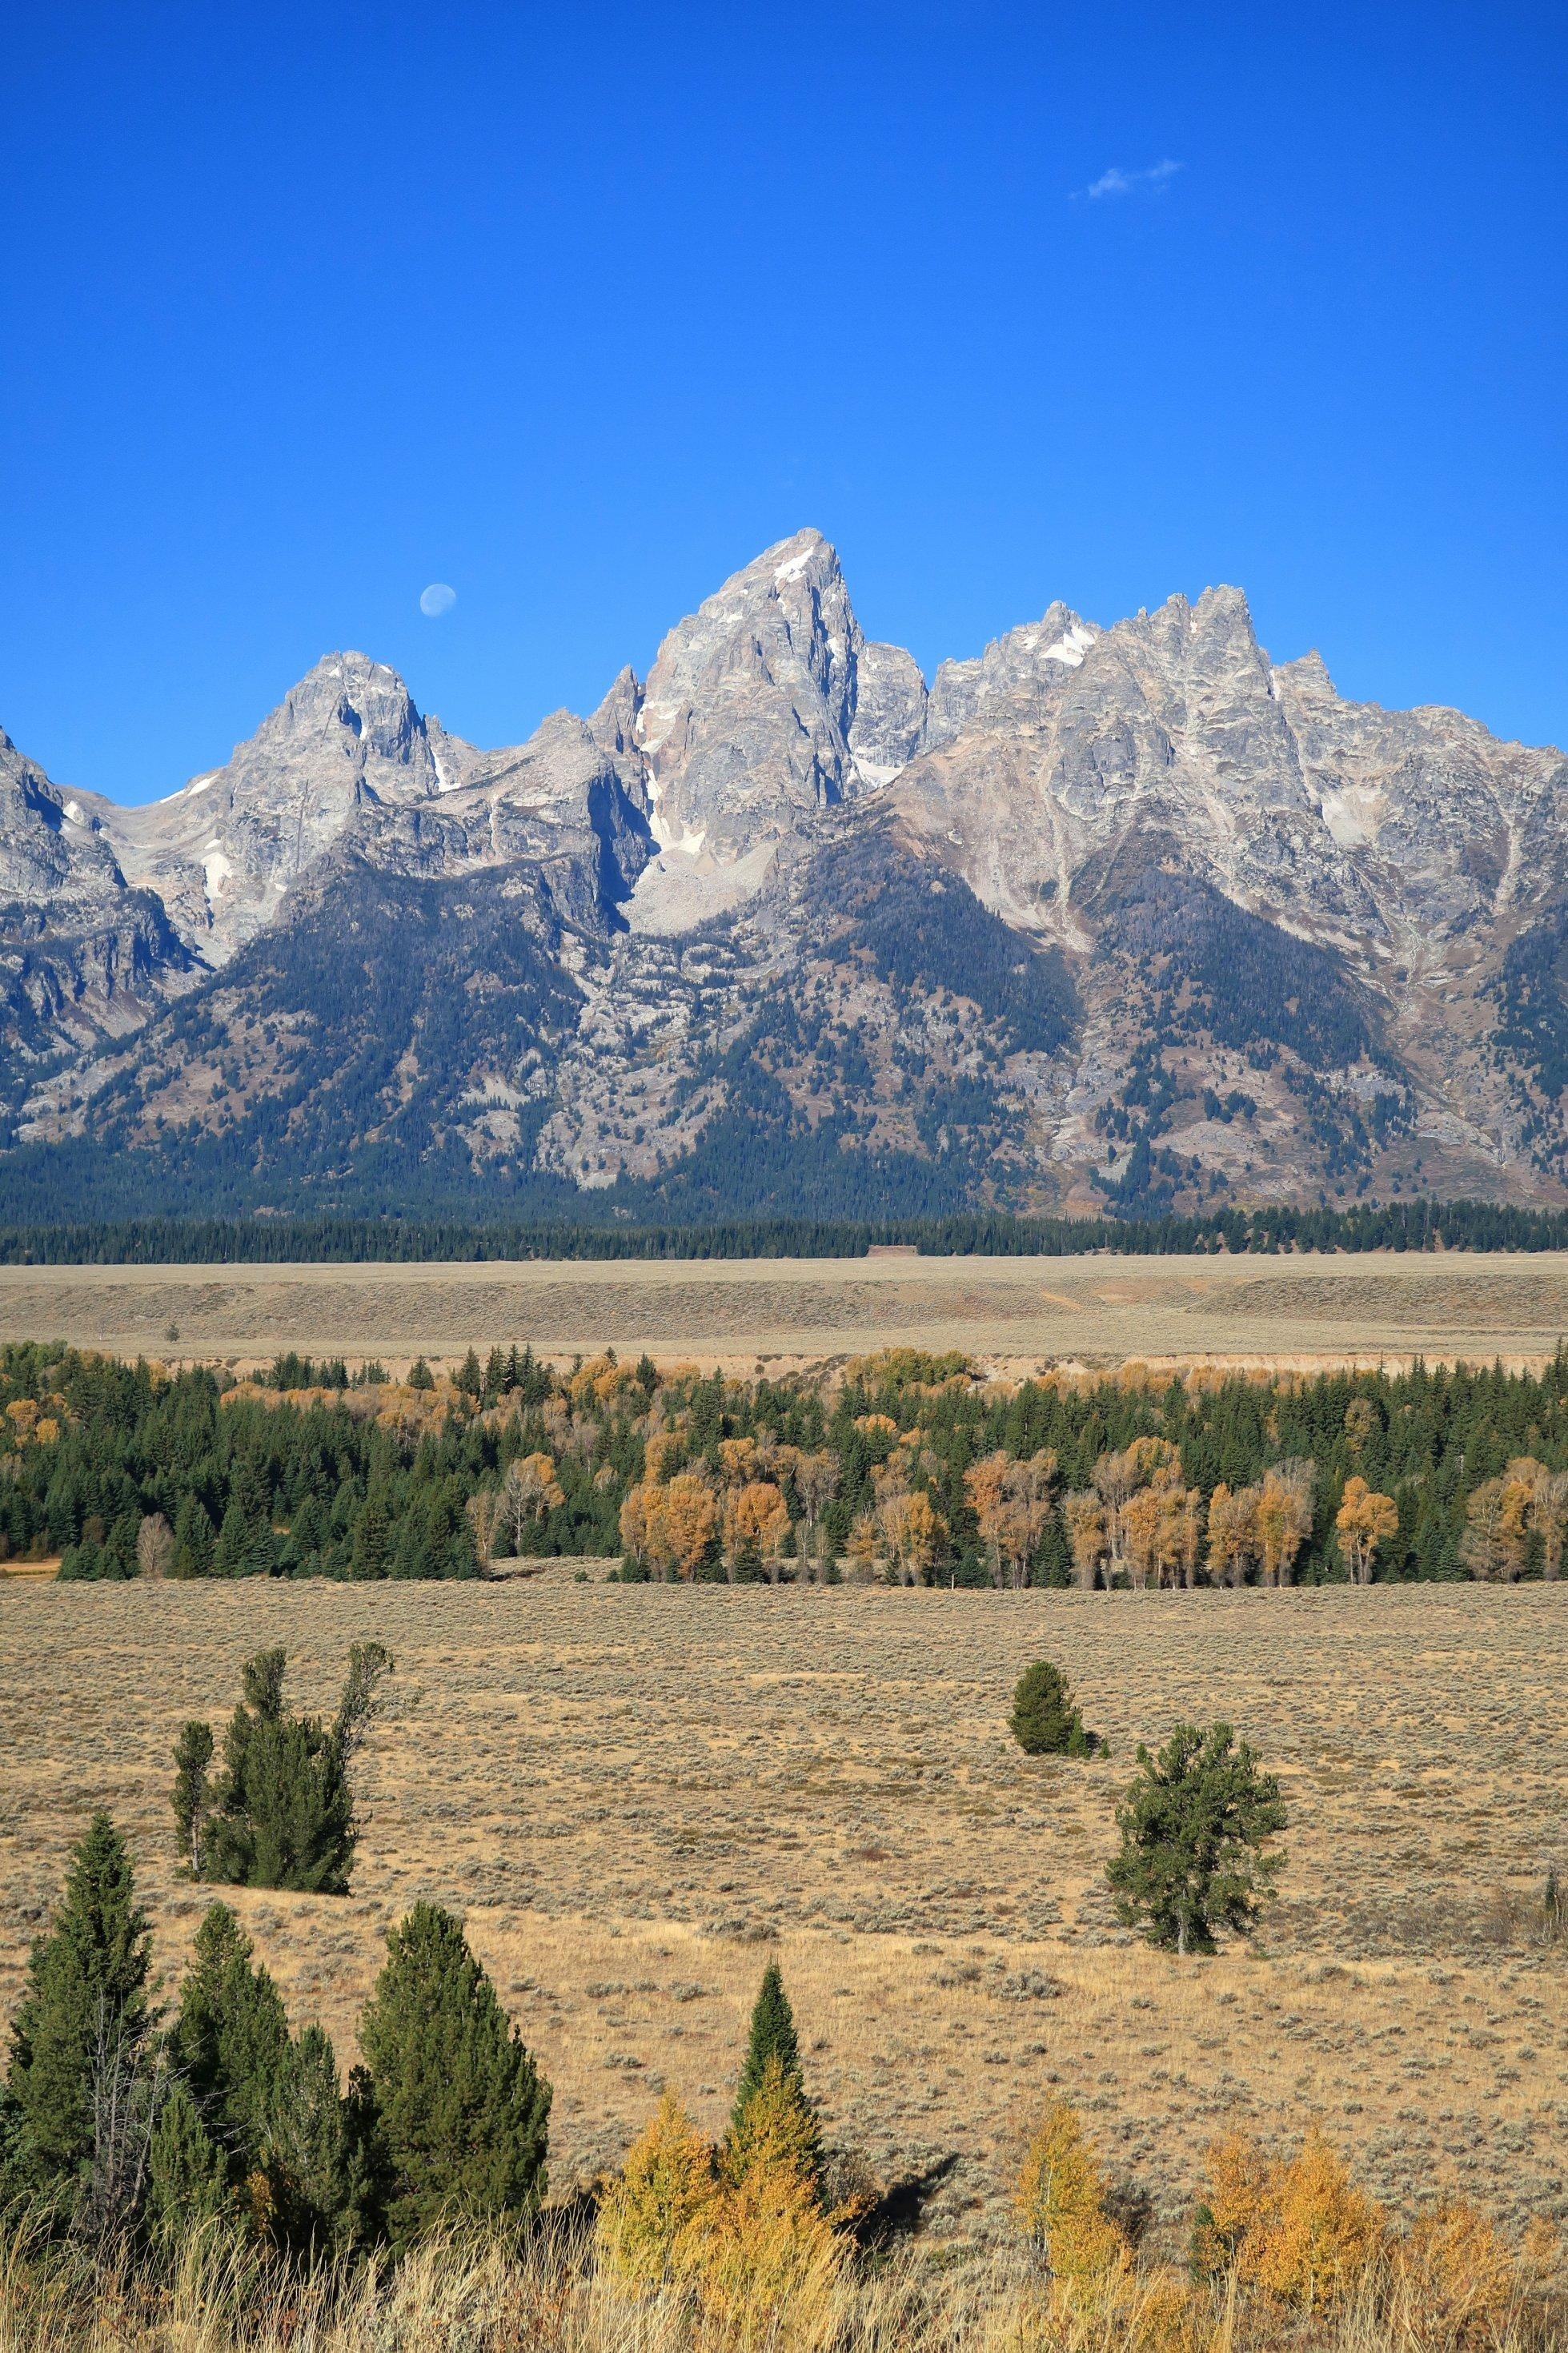 Im Vordergrund erstreckt sich eine leicht bewaldete steppenartige Landschaft. Im Hintergrund erheben sich mächtige Berge in einen blauen Himmel.